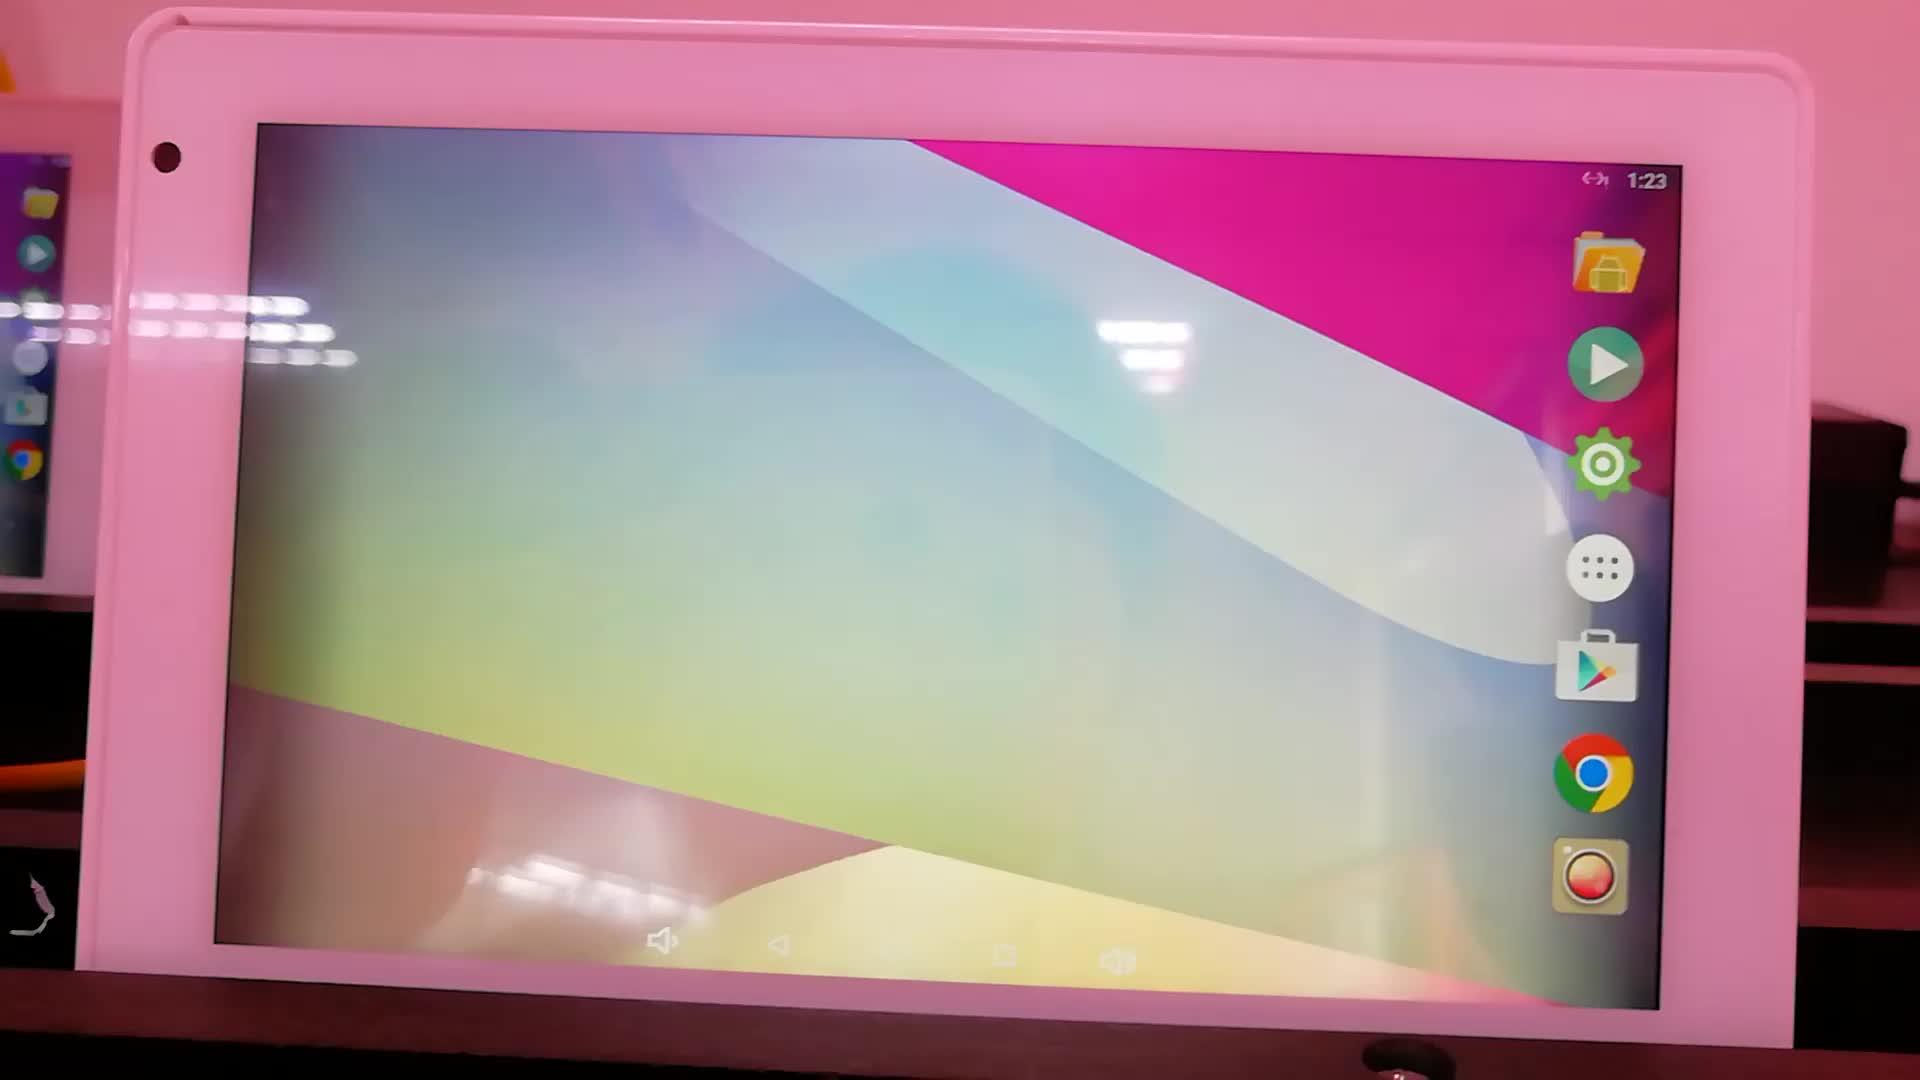 """7 """"Wall Mount Máy Tính Bảng Android PoE Với Tuya Ứng Dụng Cho Domotics"""